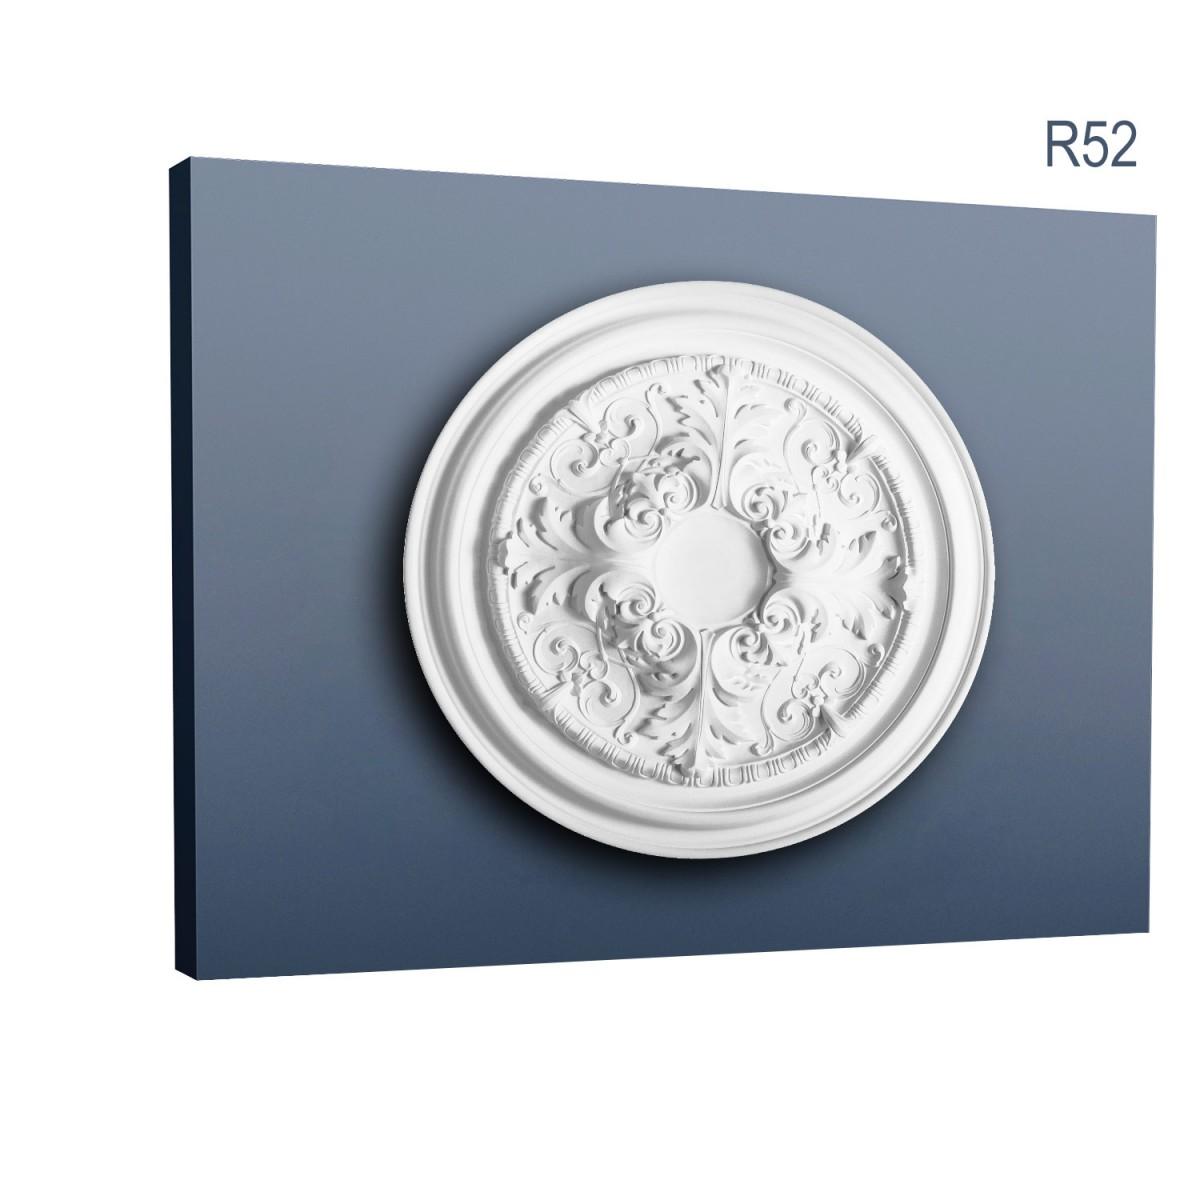 Rozeta Luxxus R52, Dimensiuni: diam. 69,5 cm (H: 4,8 cm), Orac Decor